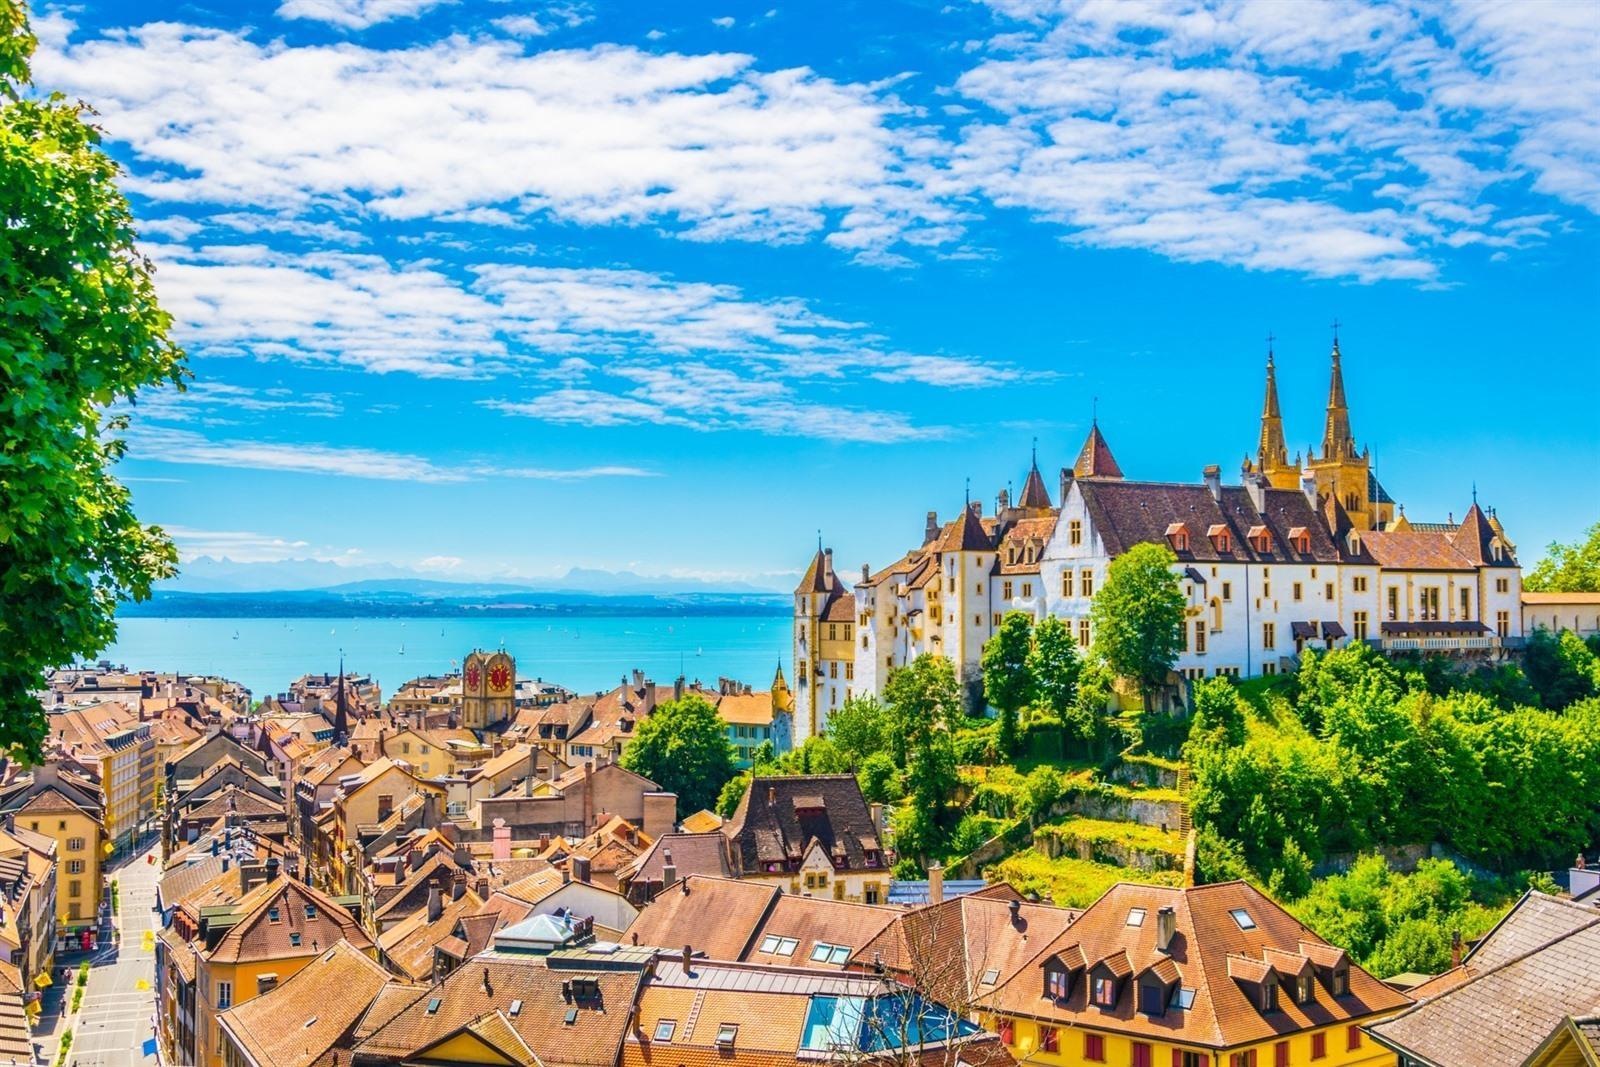 De top 10 x mooiste bezienswaardigheden in Neuchâtel